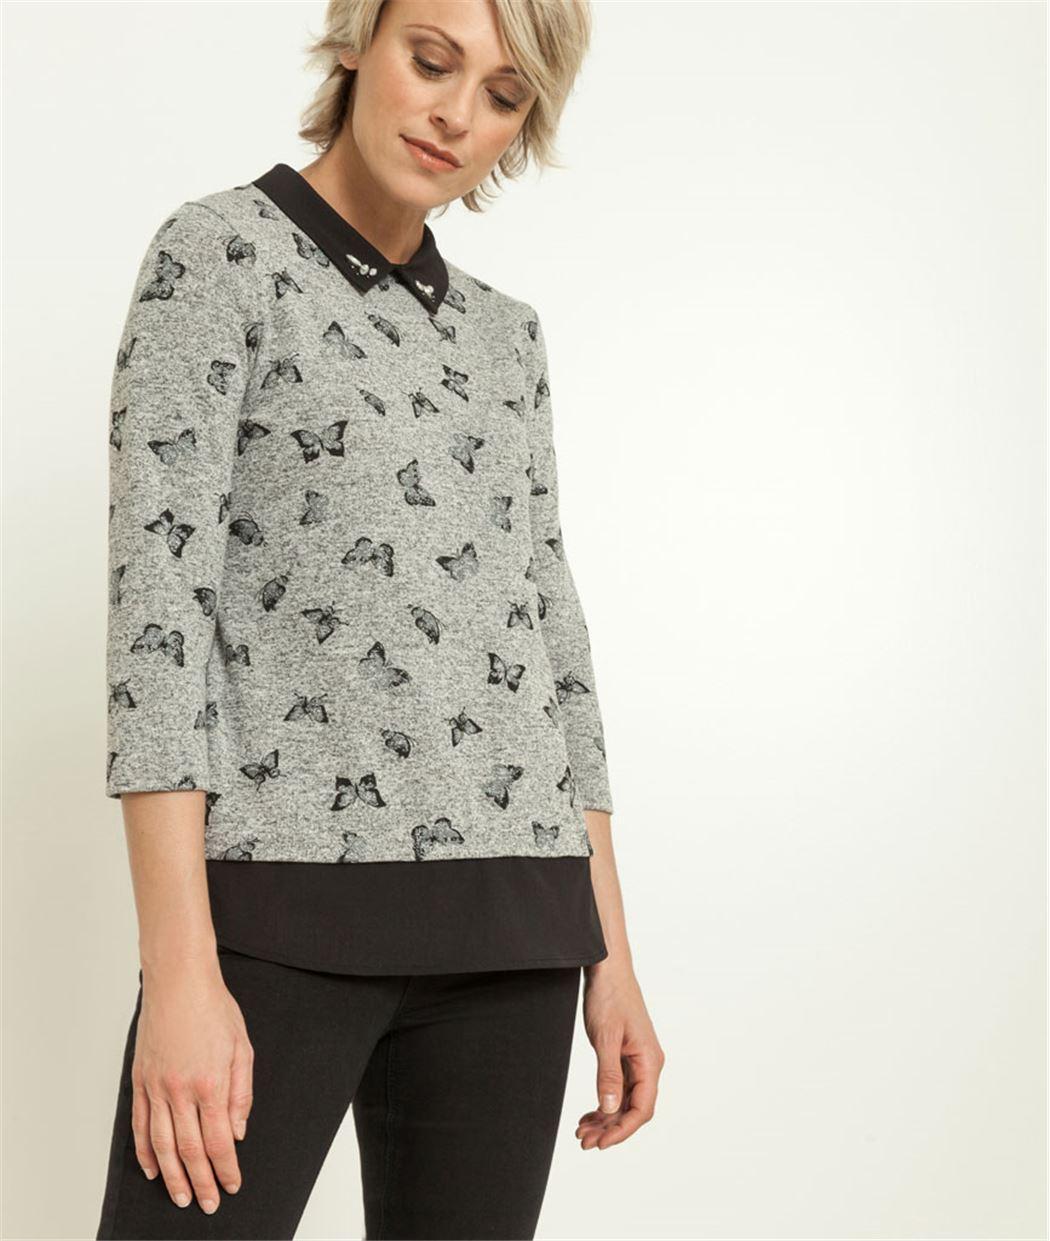 T-shirt femme 2 en 1 imrpimé papillons GRIS